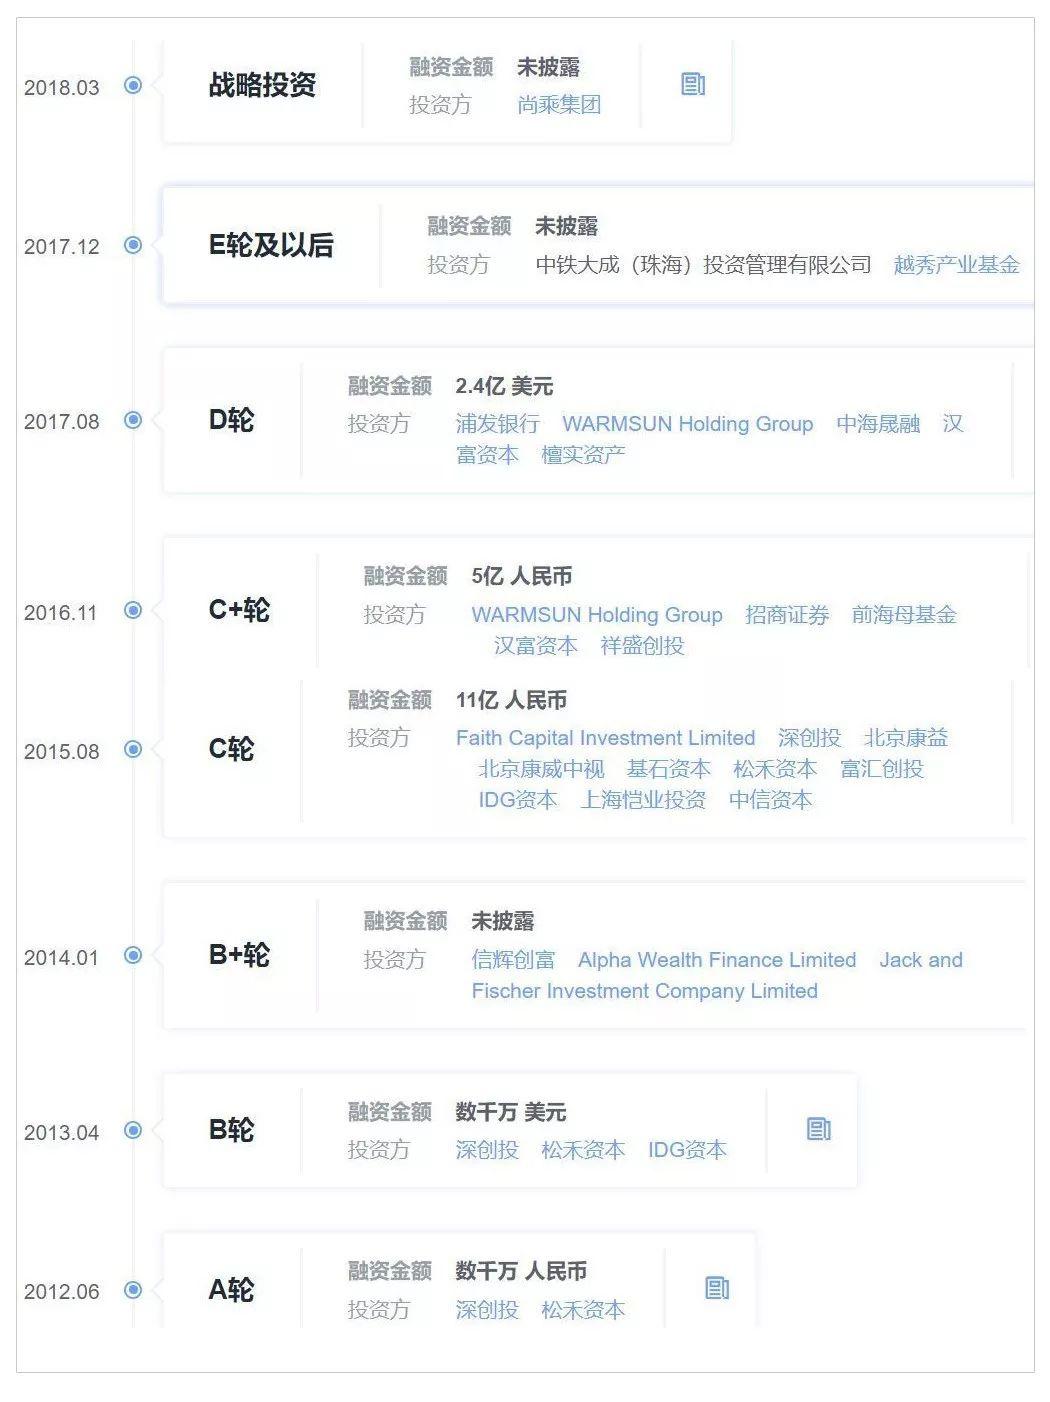 手机要变天了!刚刚,全球首款自由弯曲手机在深圳正式开卖!_零售_电商报